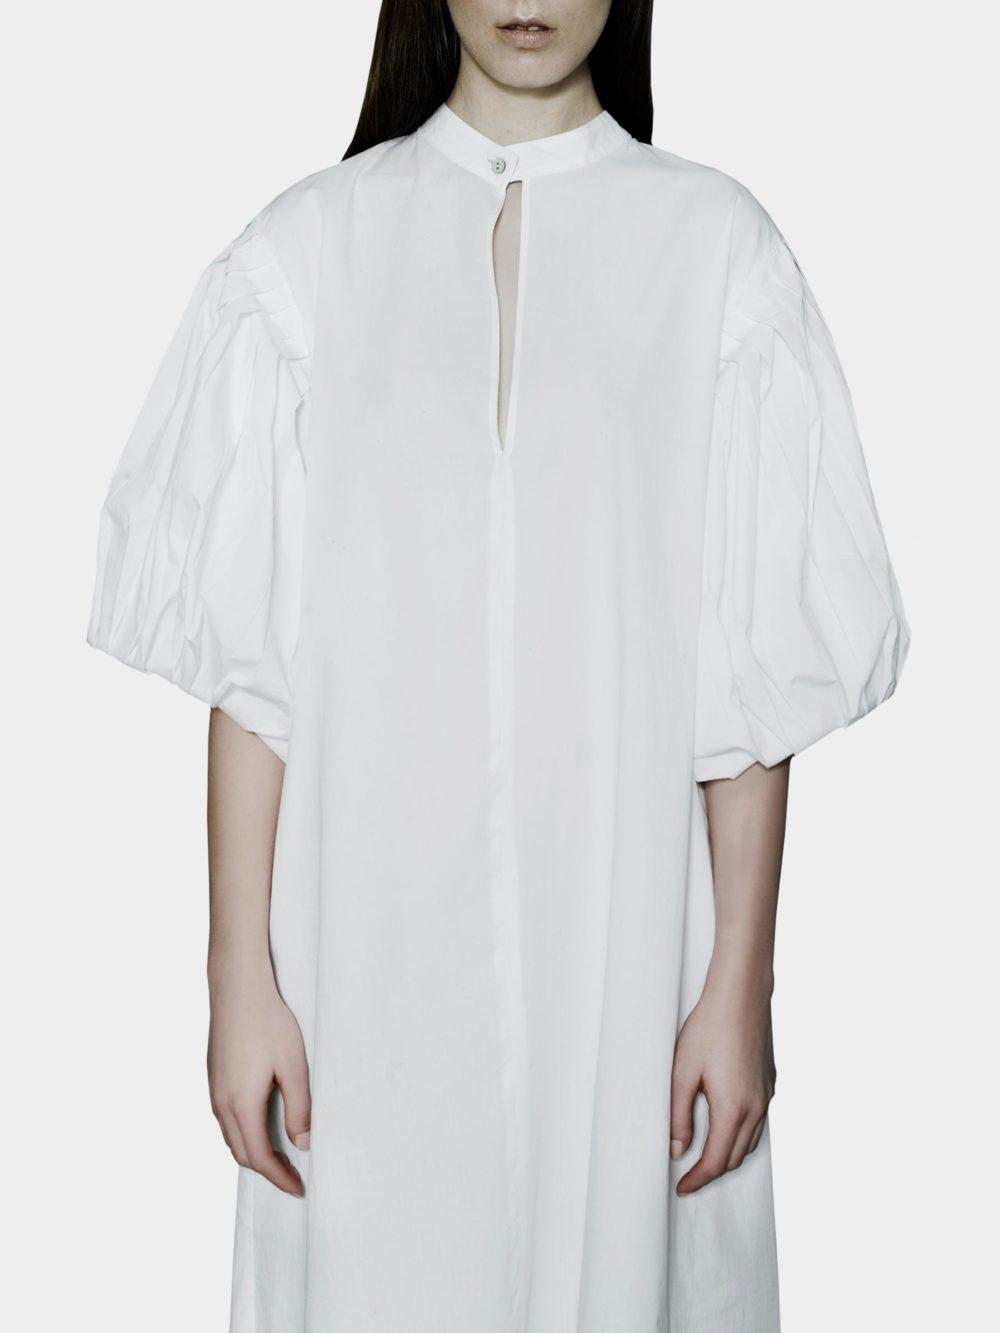 White Dress - Joanna Organisciak - Cotton - utopiast.com